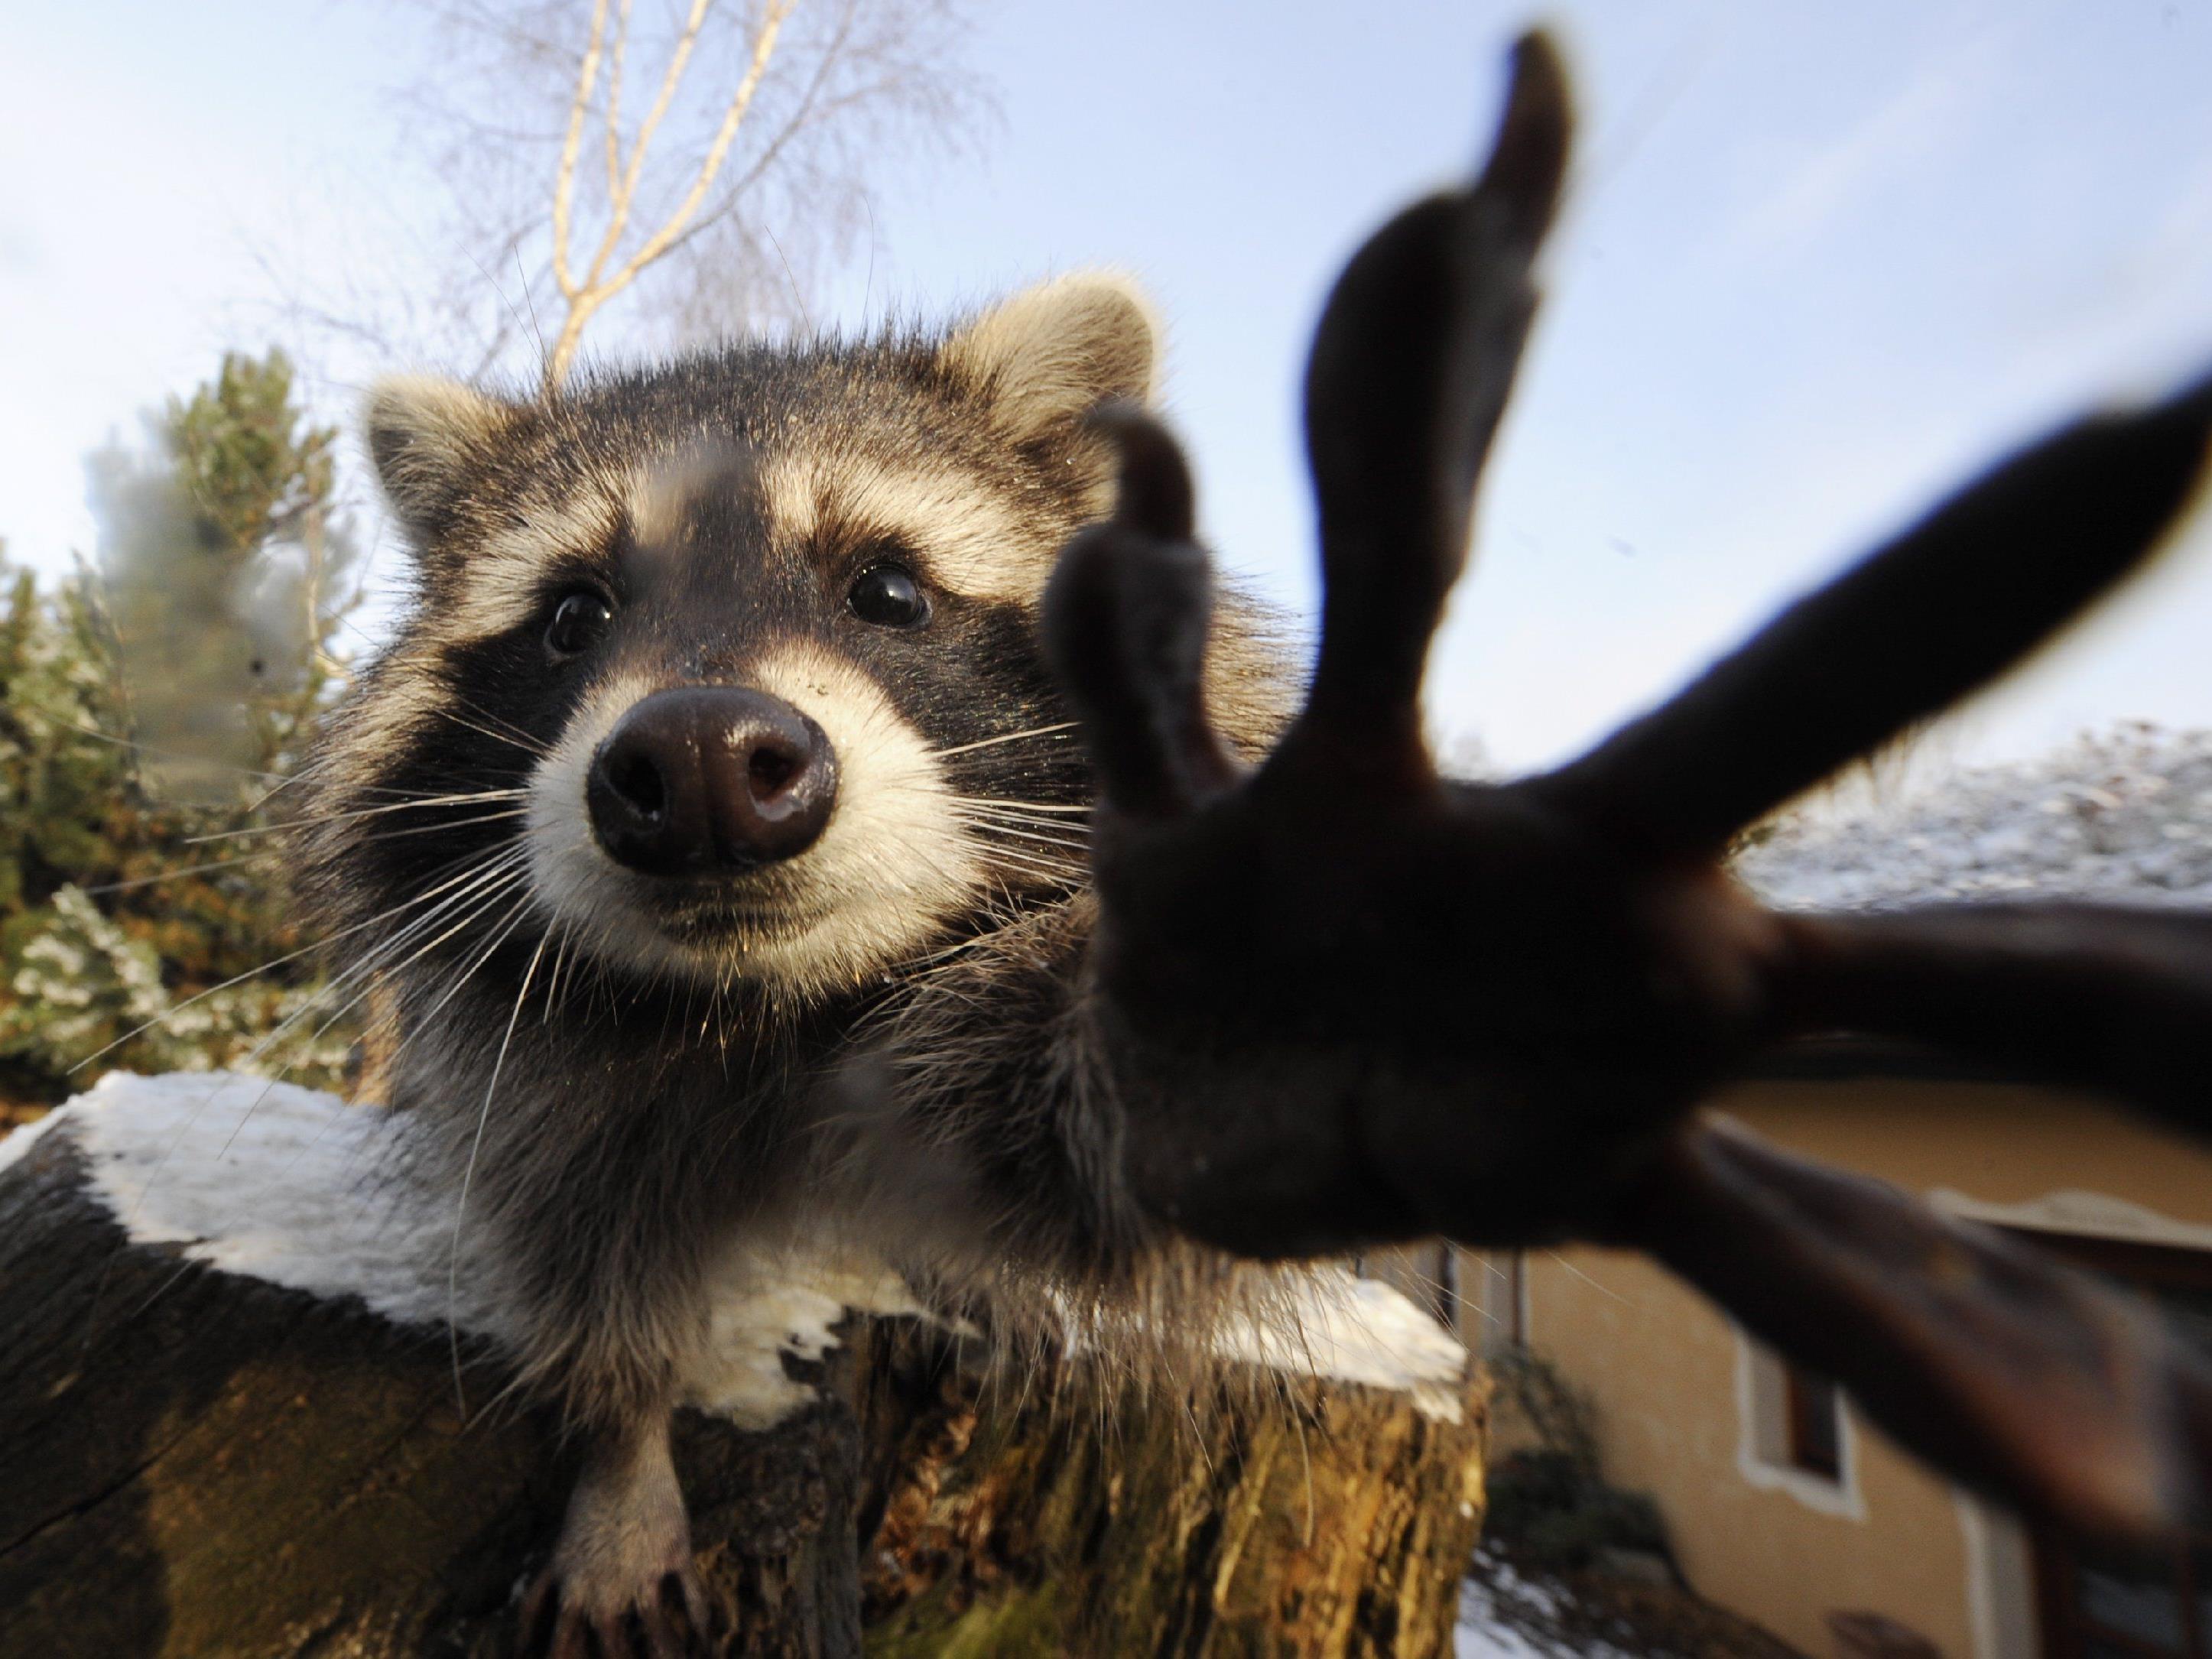 Tiere vermehren sich zu stark - Neues Projekt soll Anreize für Jäger schaffen.